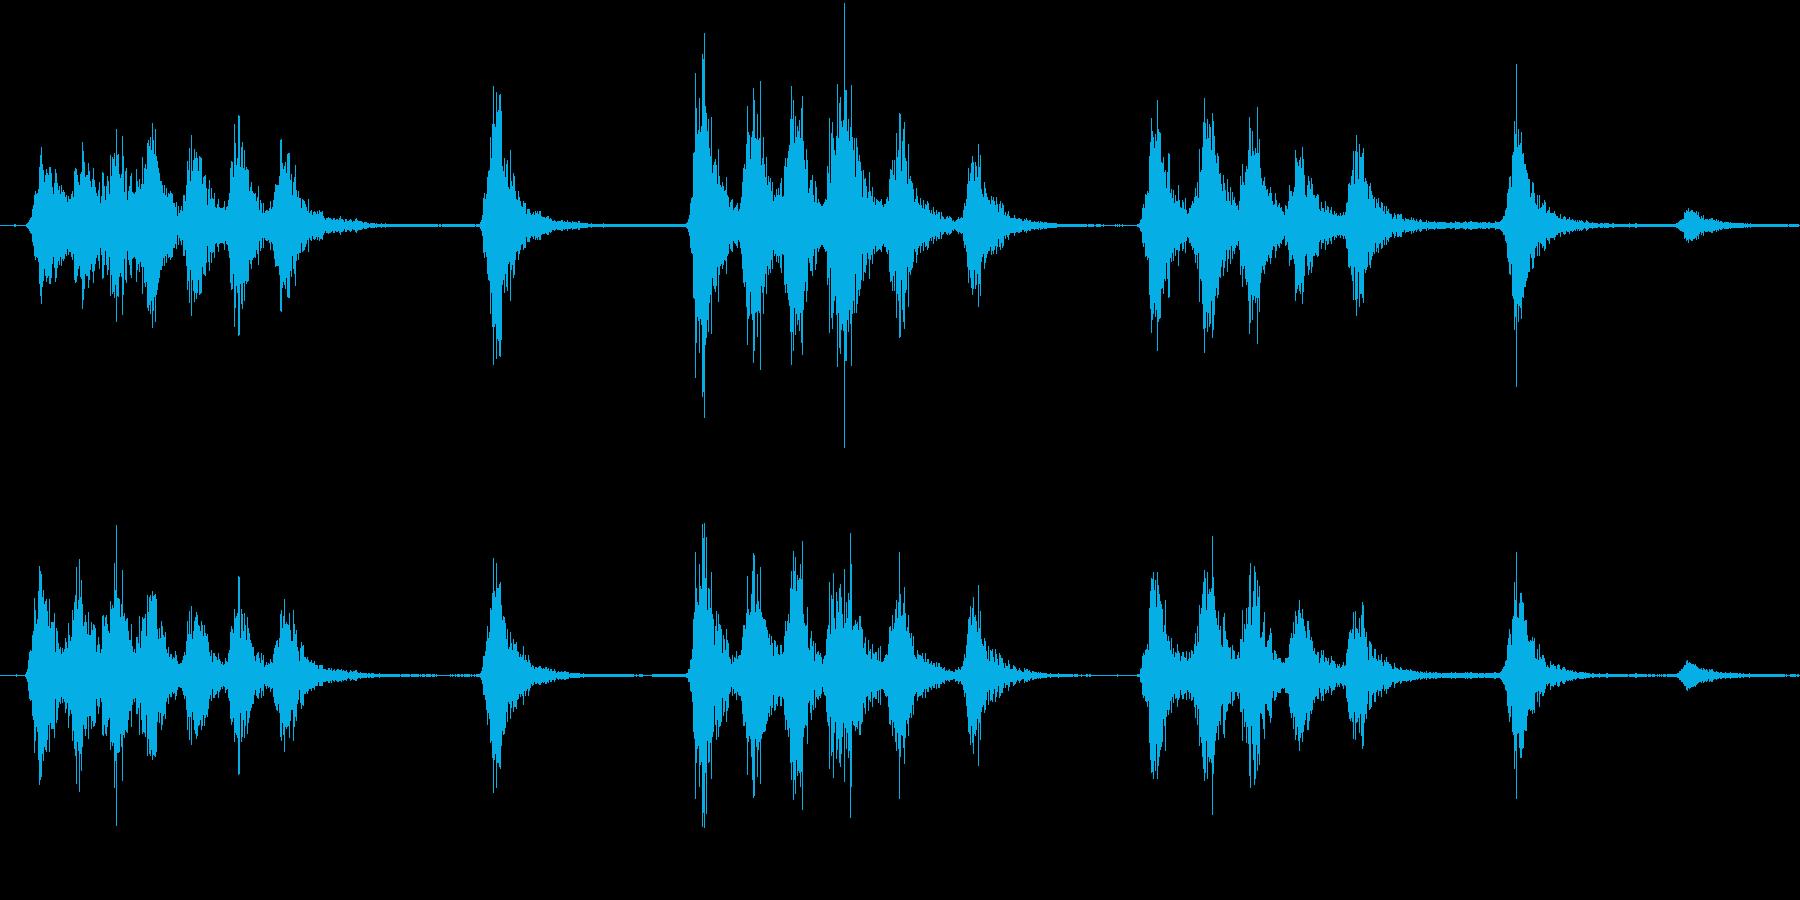 ワンワン(夜の街での犬の鳴き声)の再生済みの波形